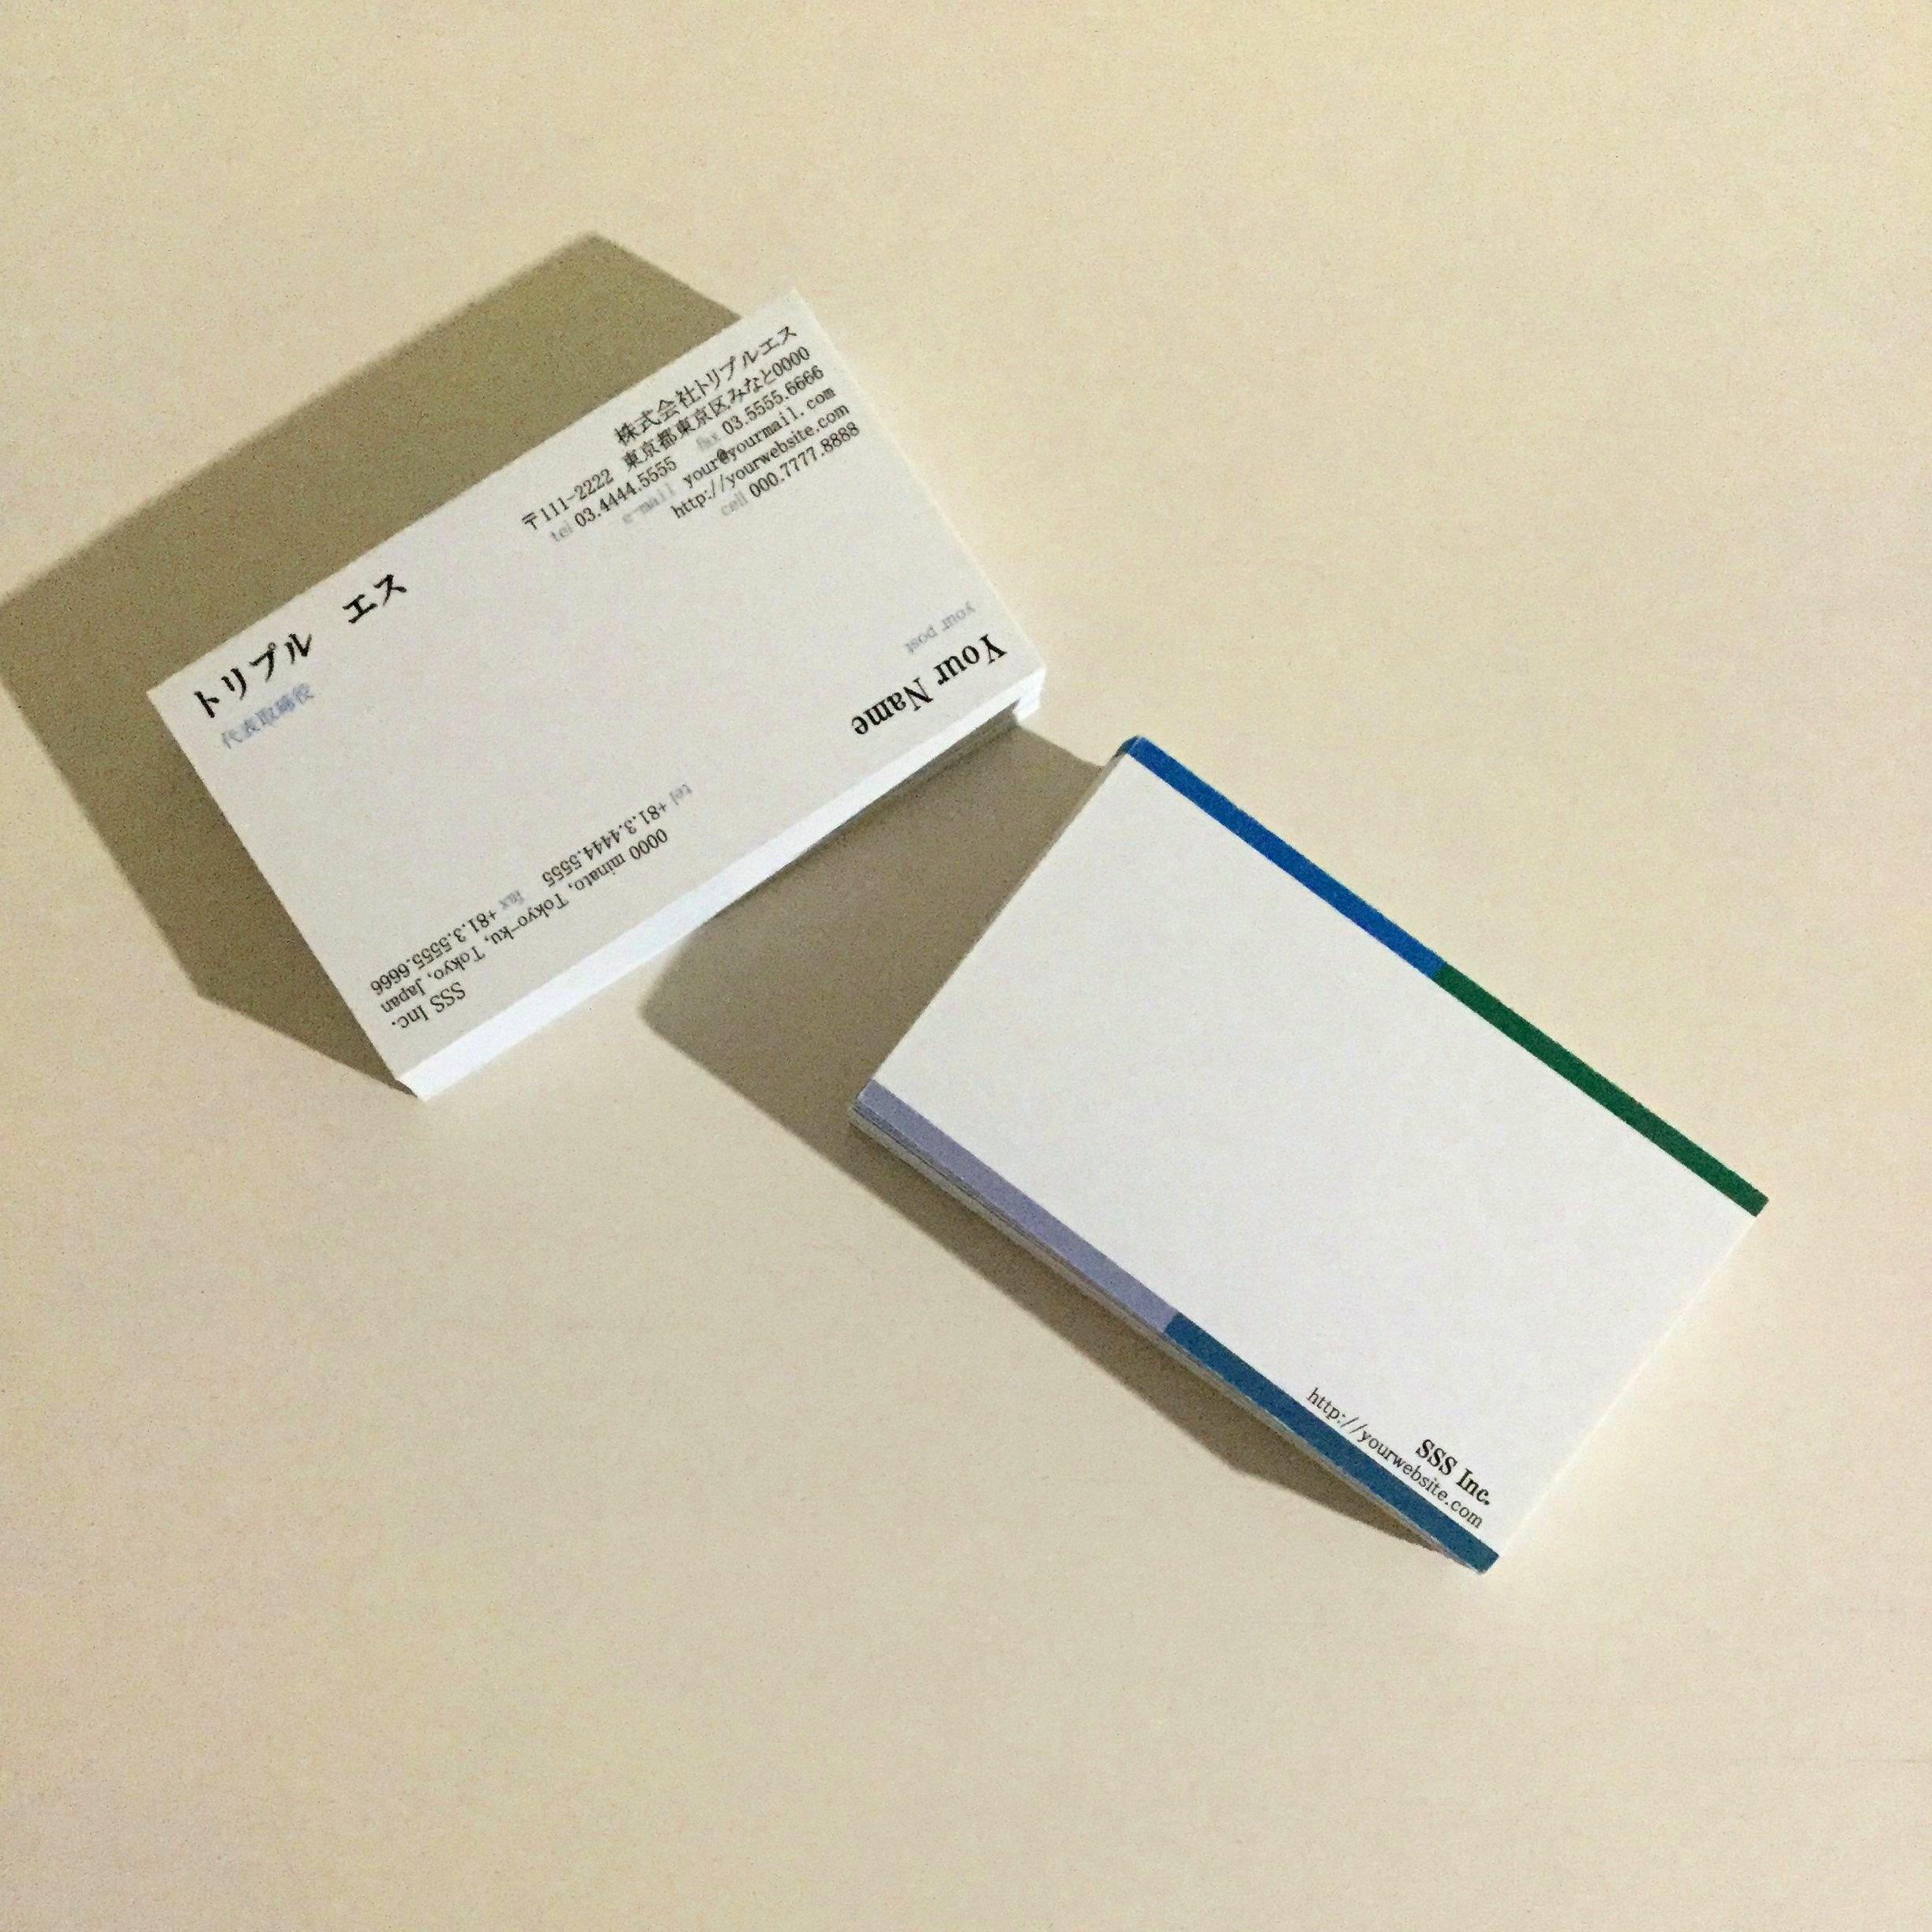 20d3_bl【100枚】ビジネス名刺【英表記】